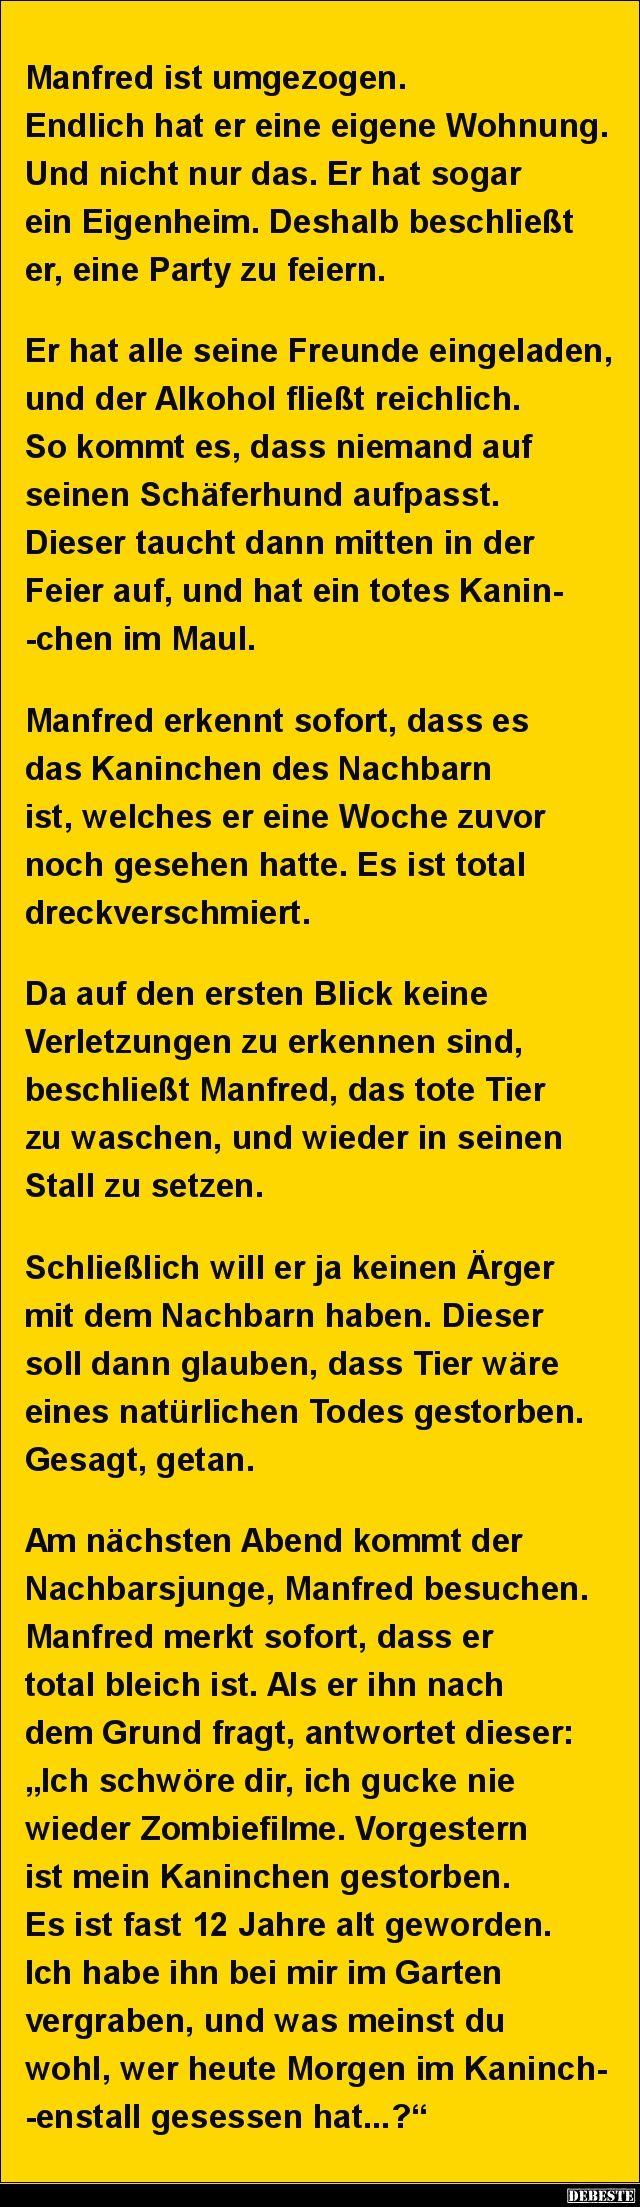 Manfred Ist Umgezogen Endlich Hat Er Eine Eigene Wohnung Mit Bildern Witze Geschichte Witze Lustige Spruche